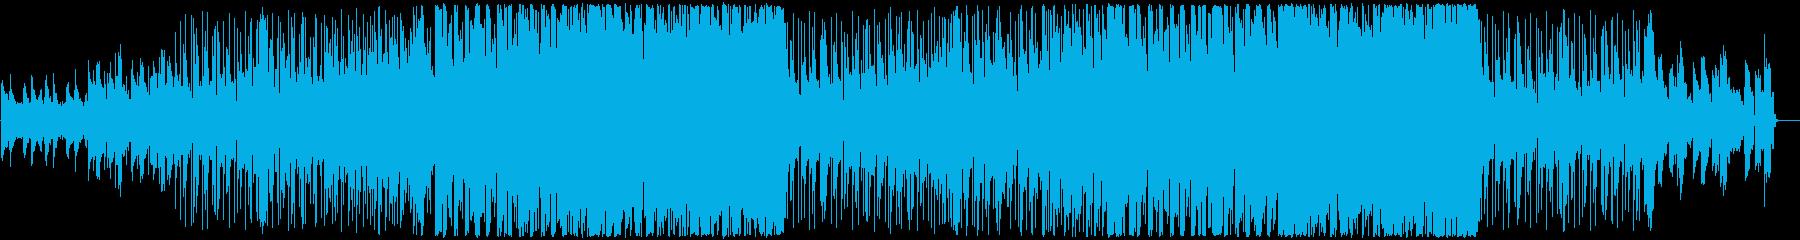 未来を感じる電子音の音楽の再生済みの波形